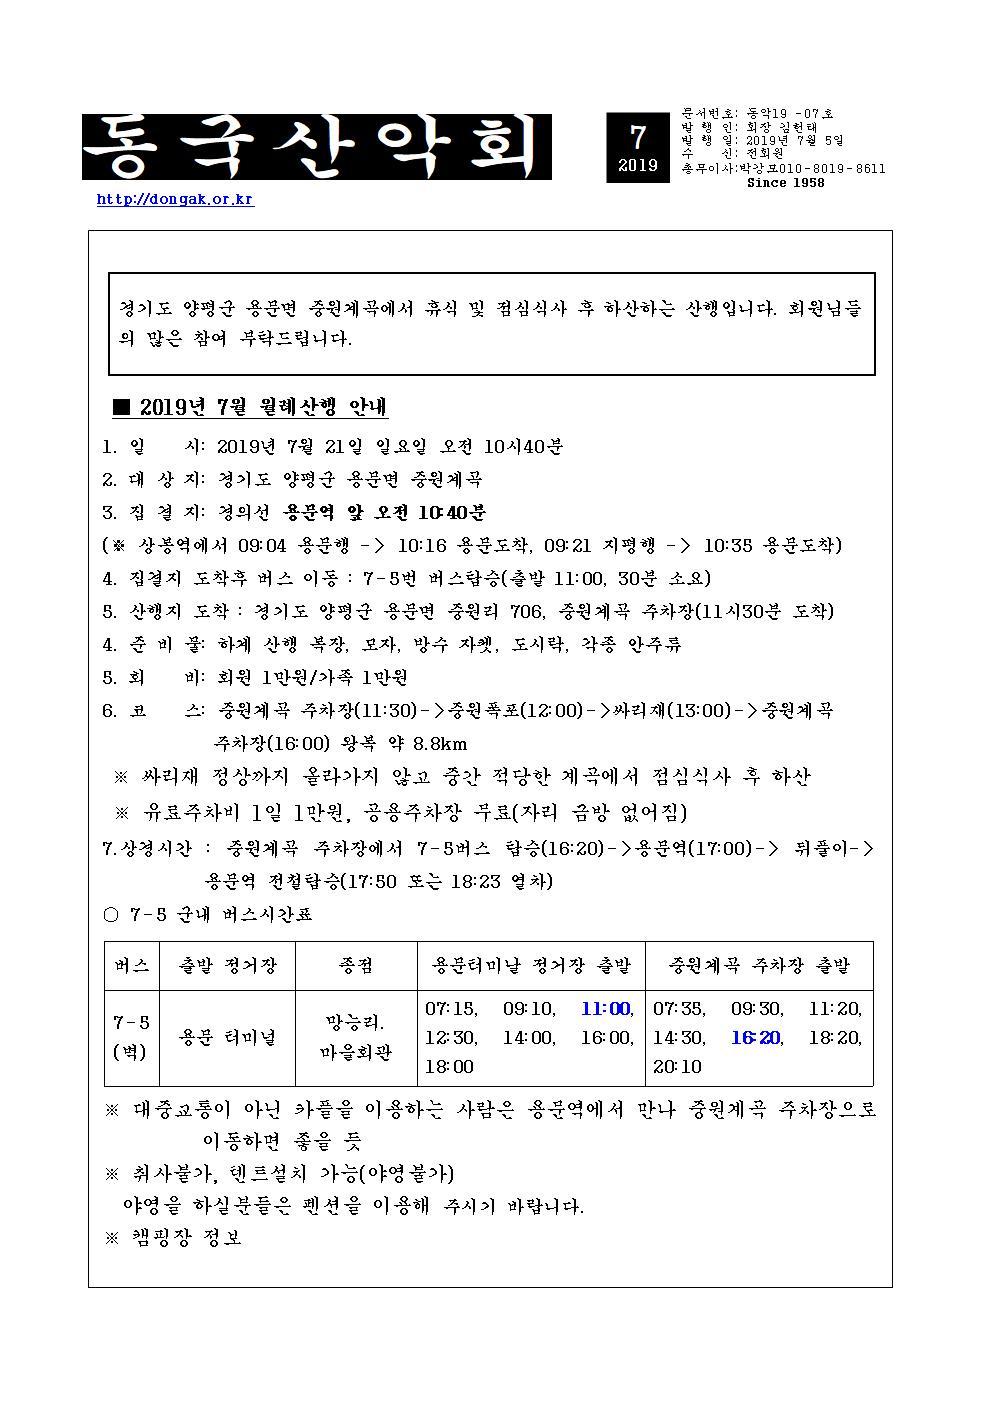 동악공문_7월001.jpg